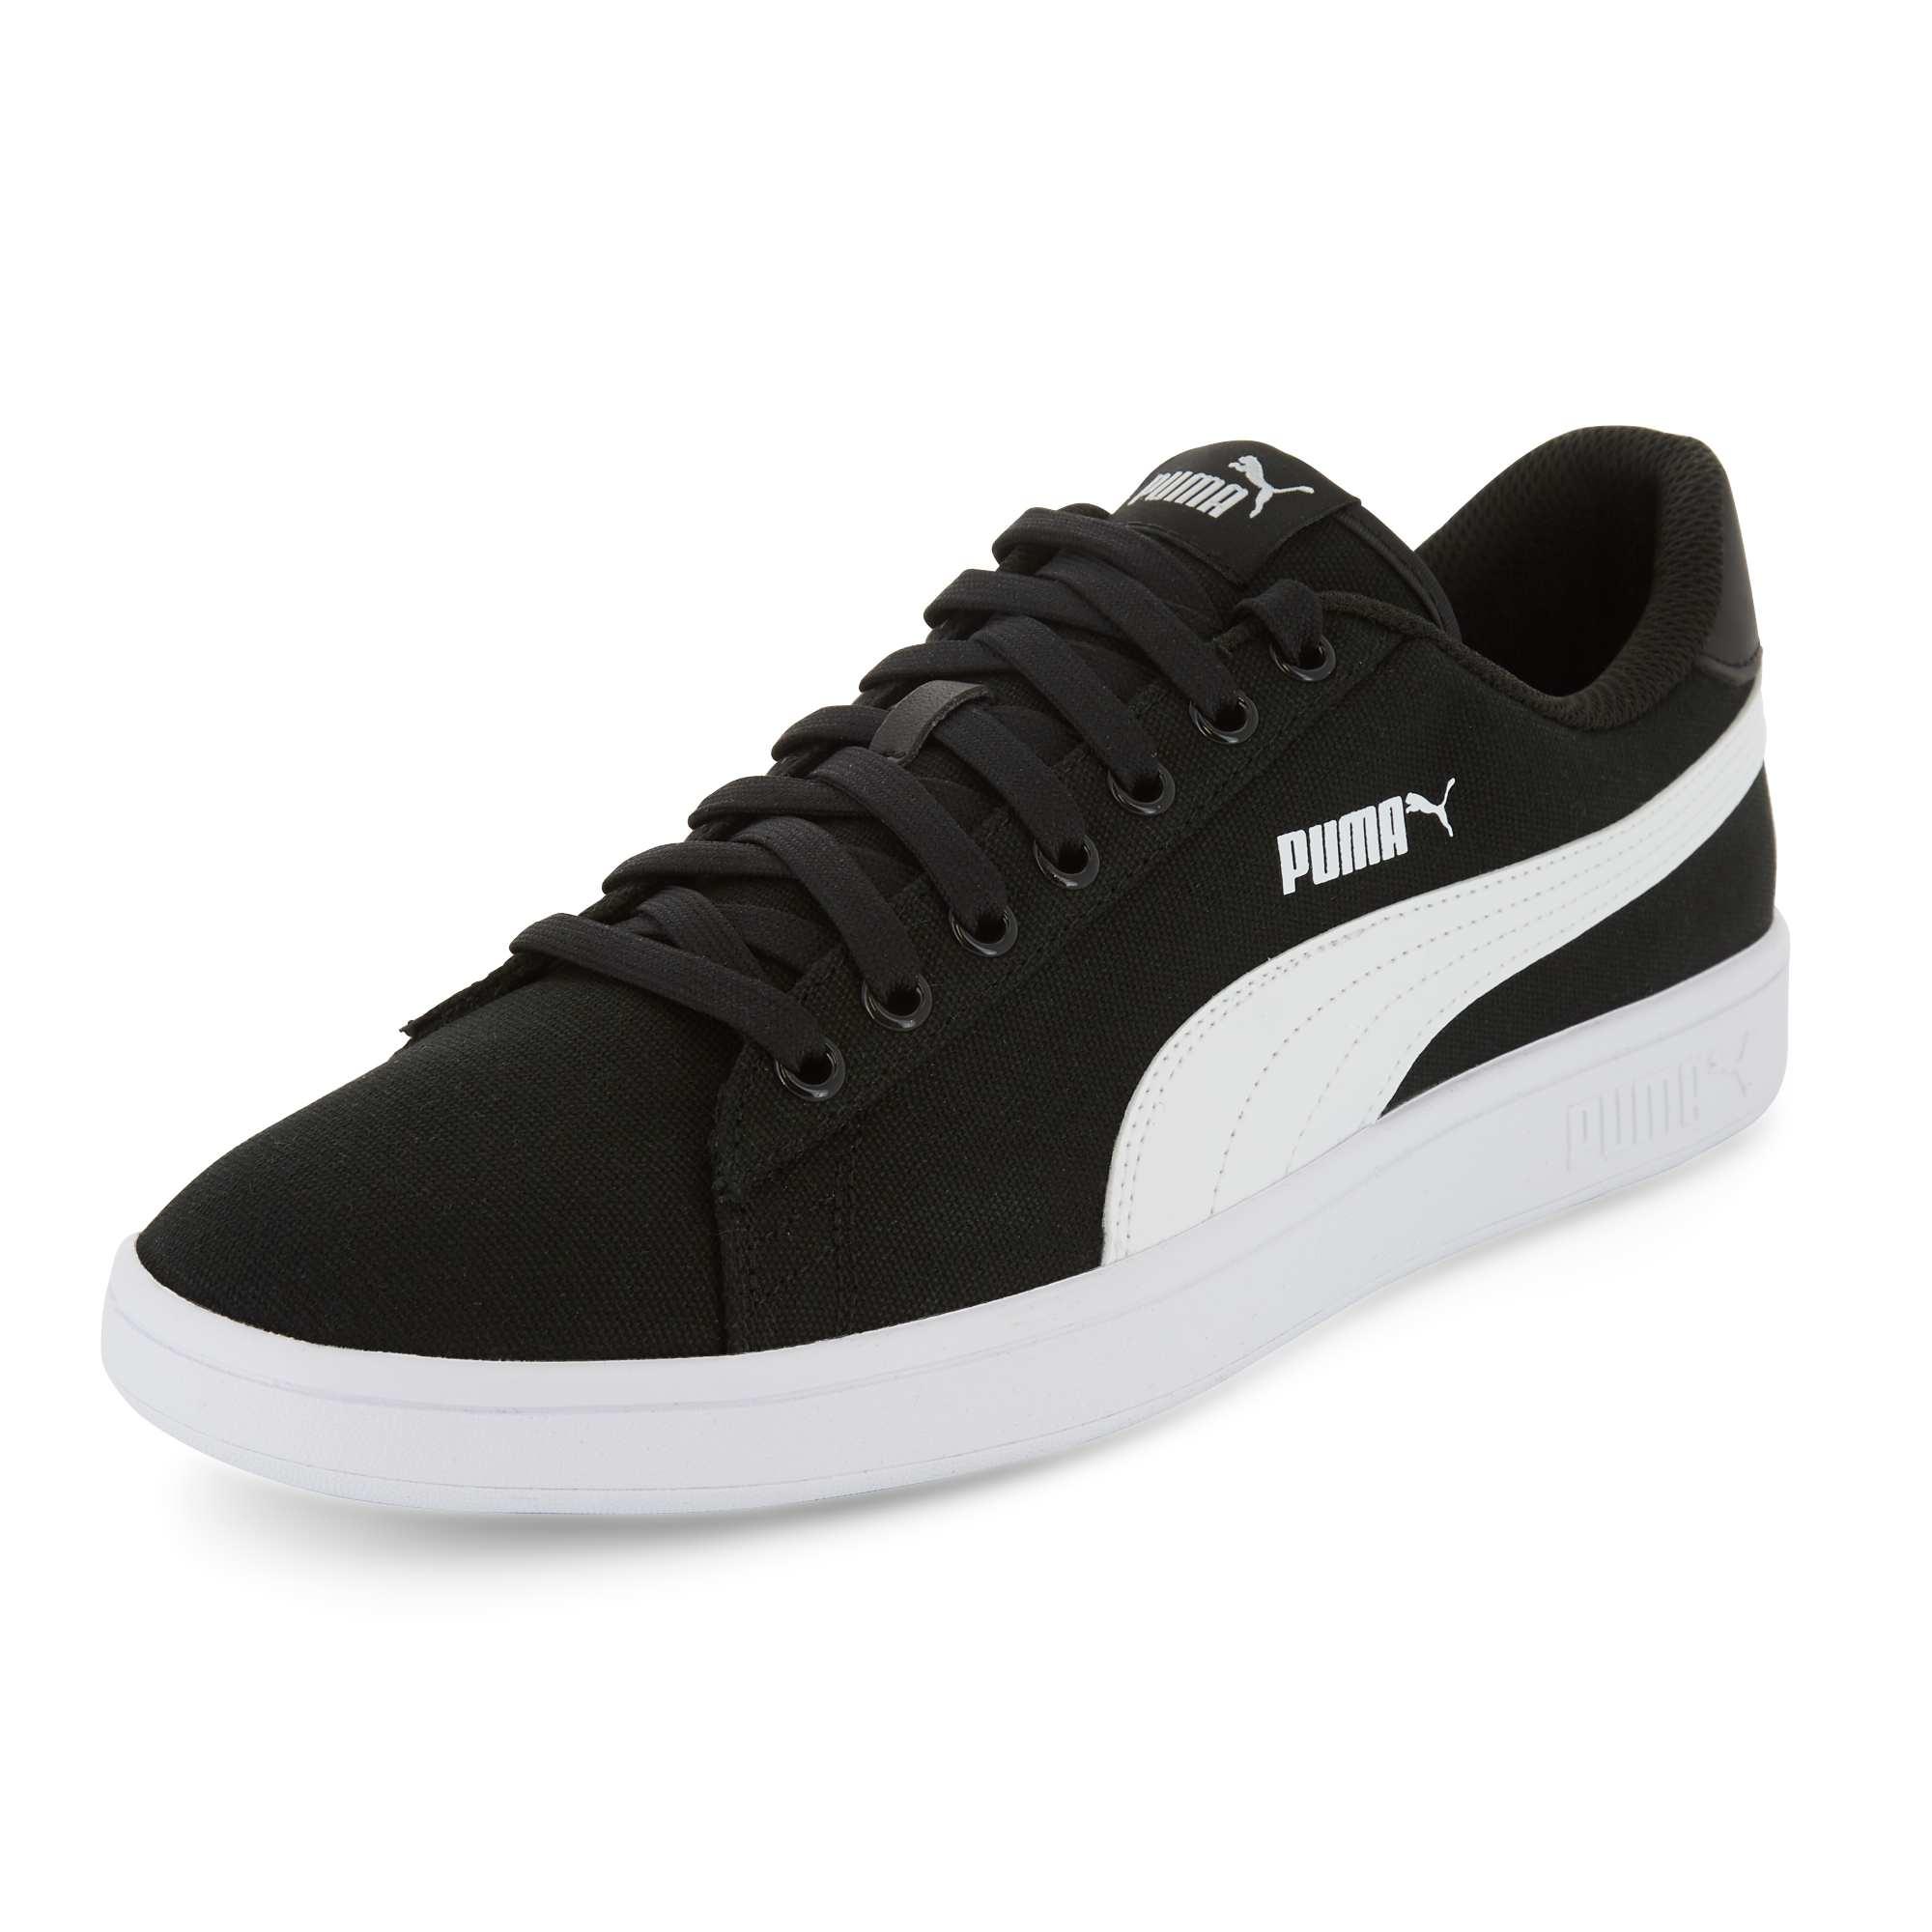 Puma - Zapatillas de Deporte Hombre , Negro (negro), 39